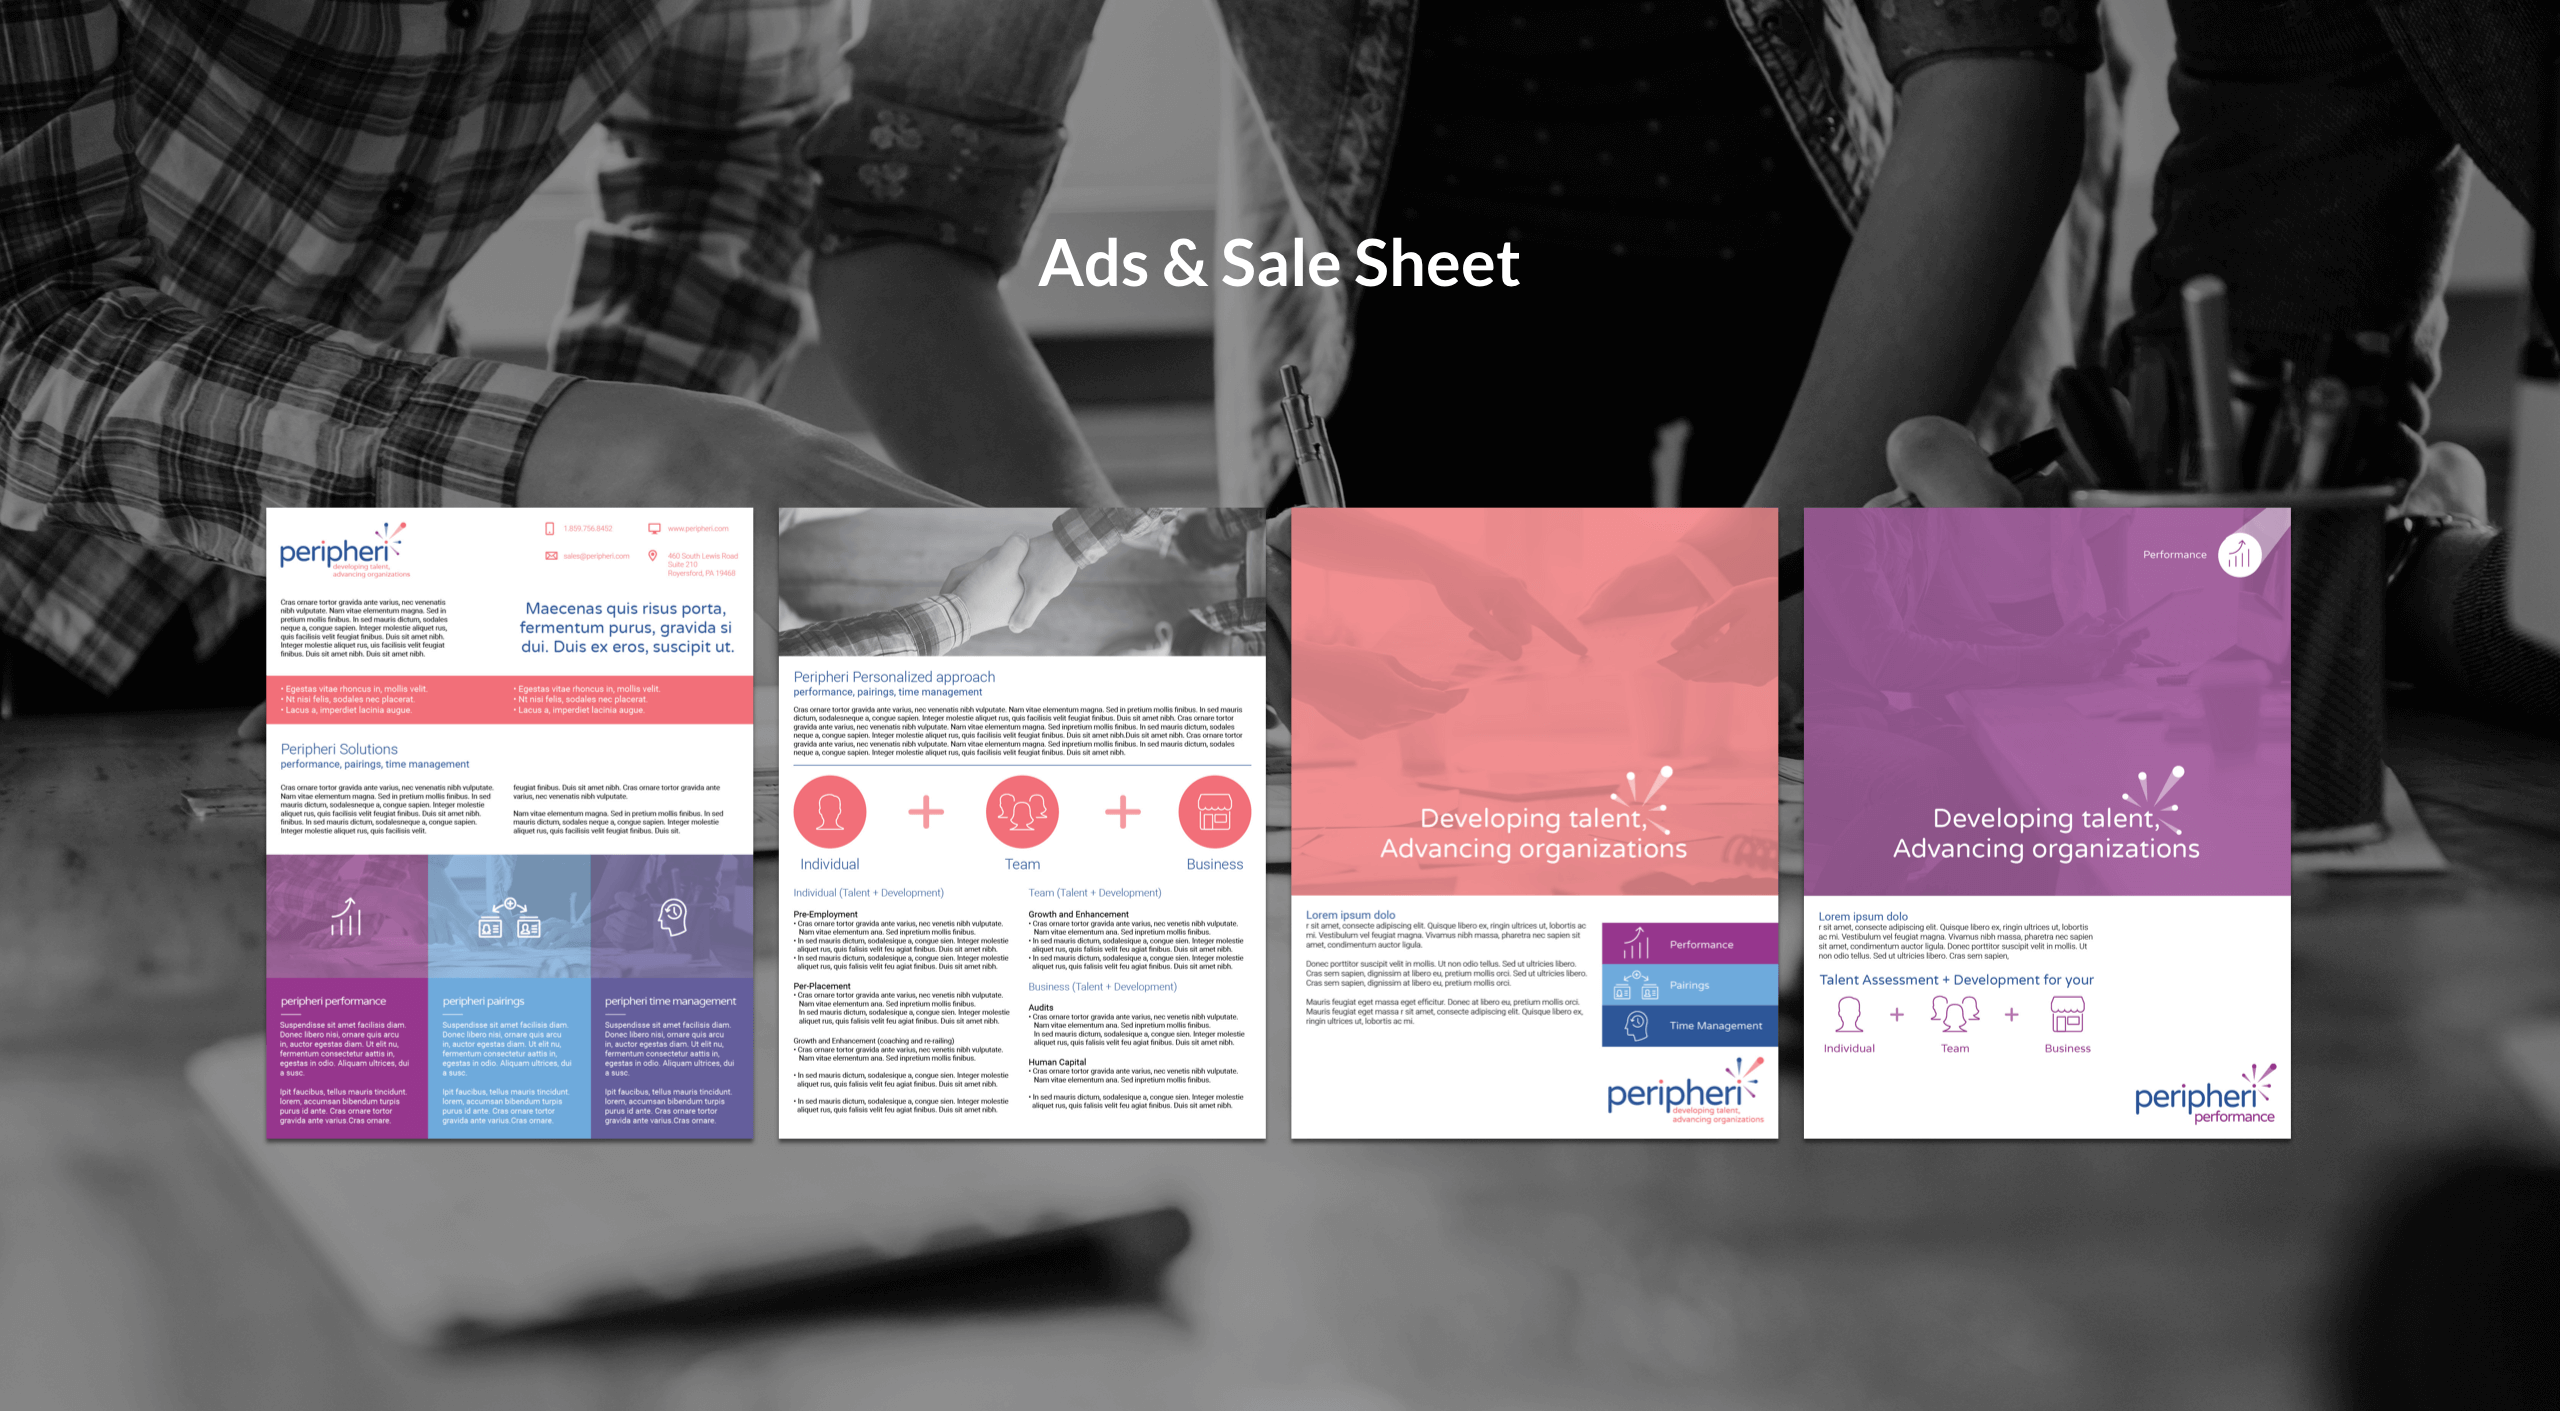 peripheri-ads_sale_sheet